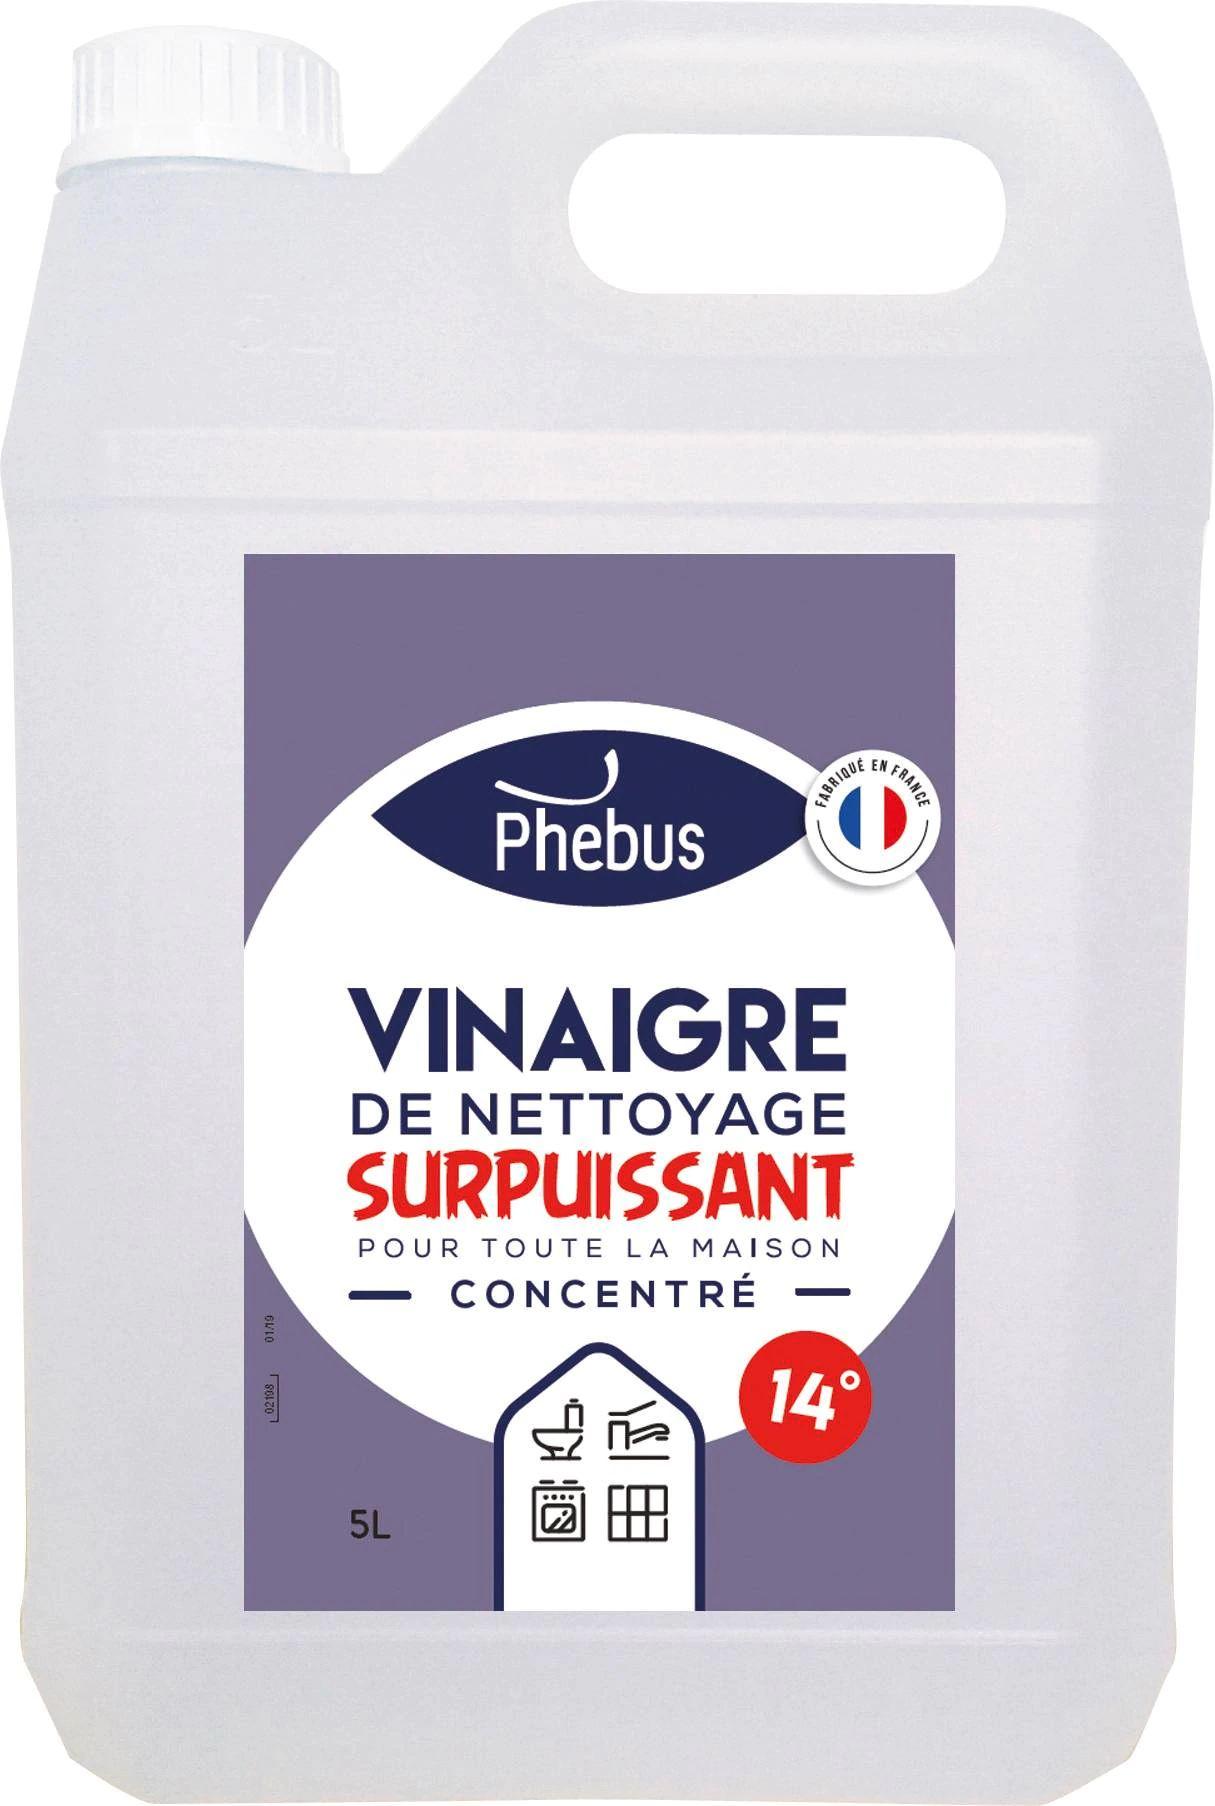 Bidon de vinaigre de nettoyage surpuissant Phebus 14° - 5 L